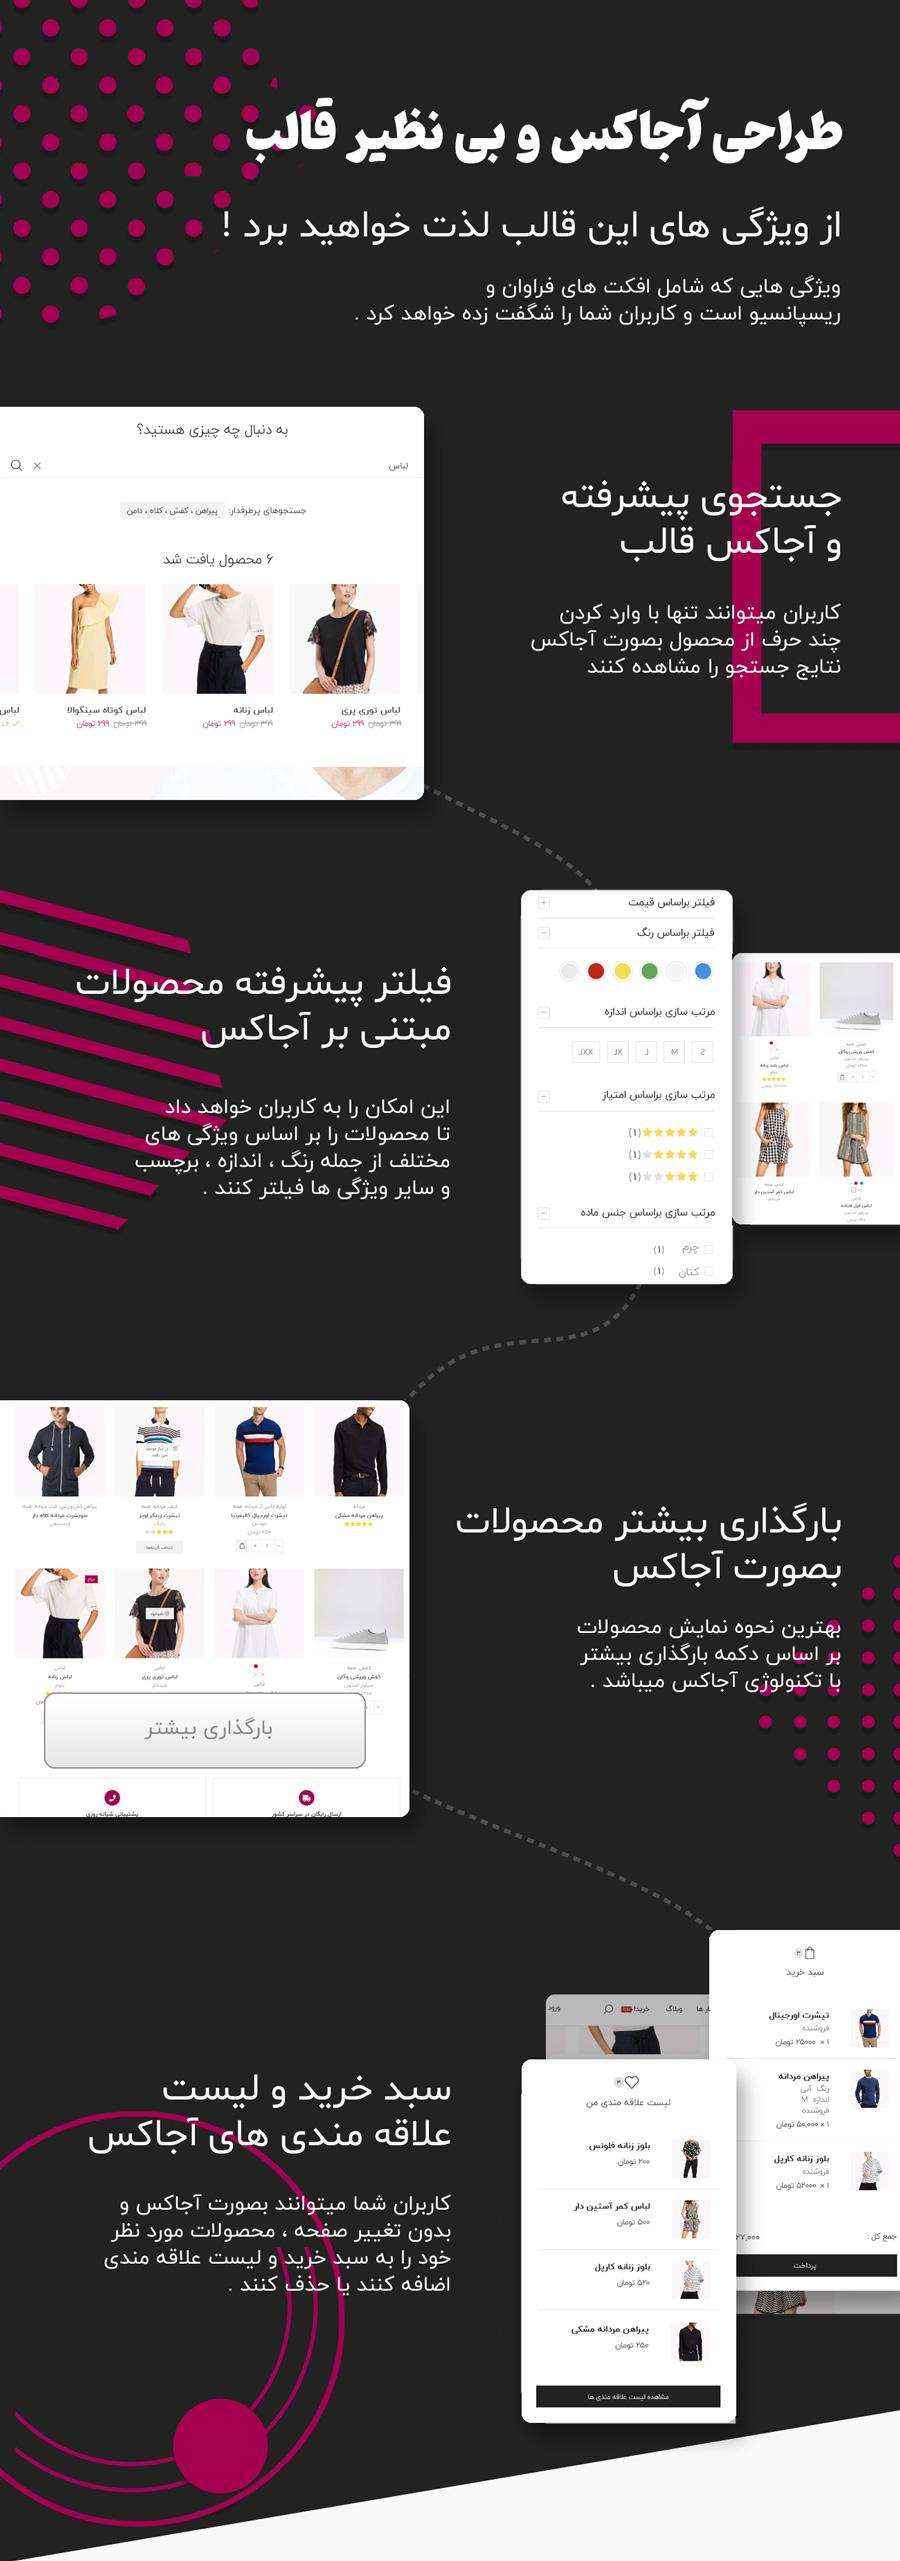 ویژگی های قالب فروشگاهی وردپرس ایکس استور با طراحی ajax